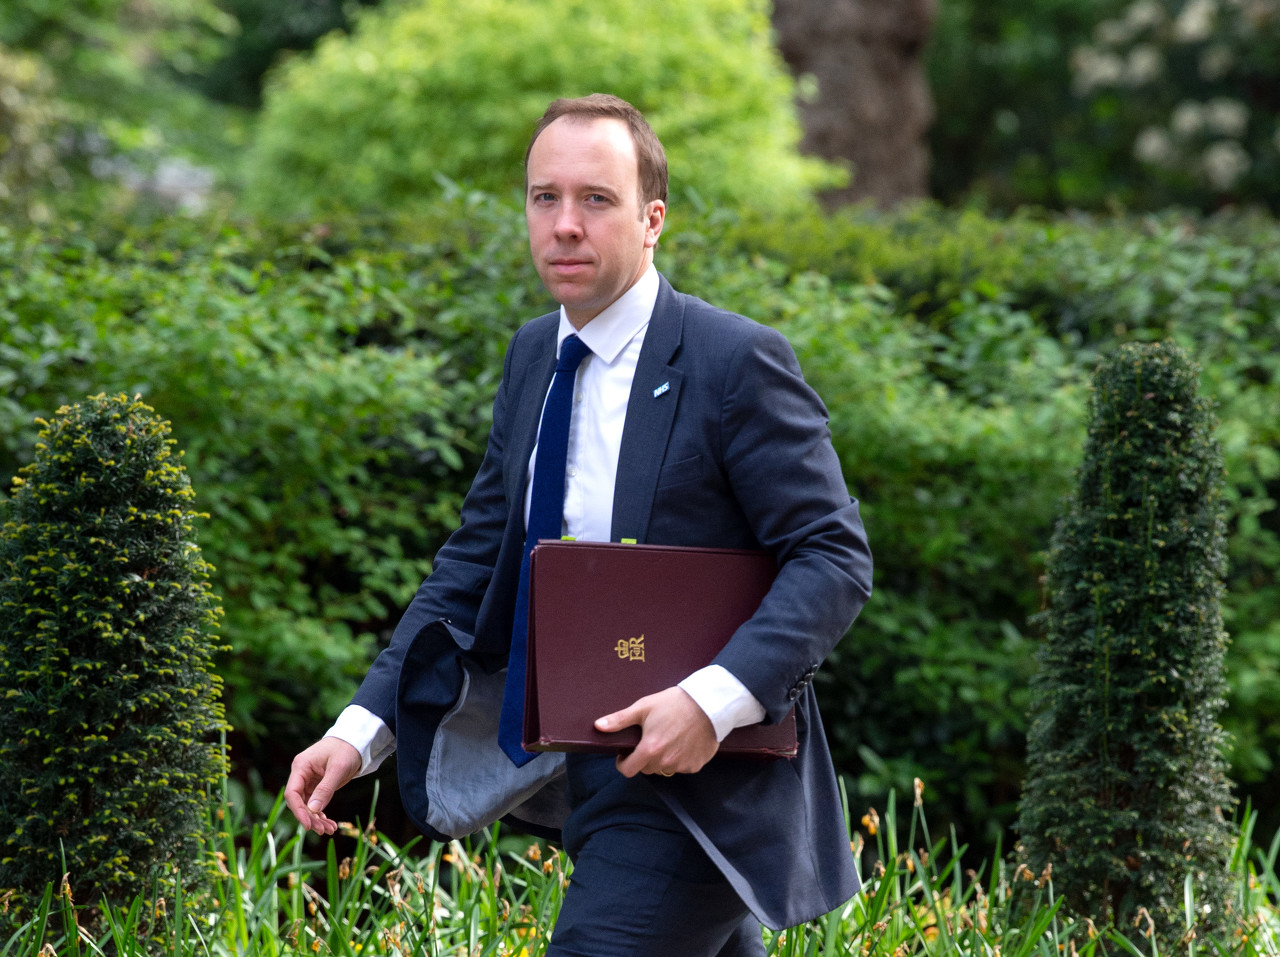 PFA高官回击英卫生大臣:本职工作都没做好,还要责备足球界 ?